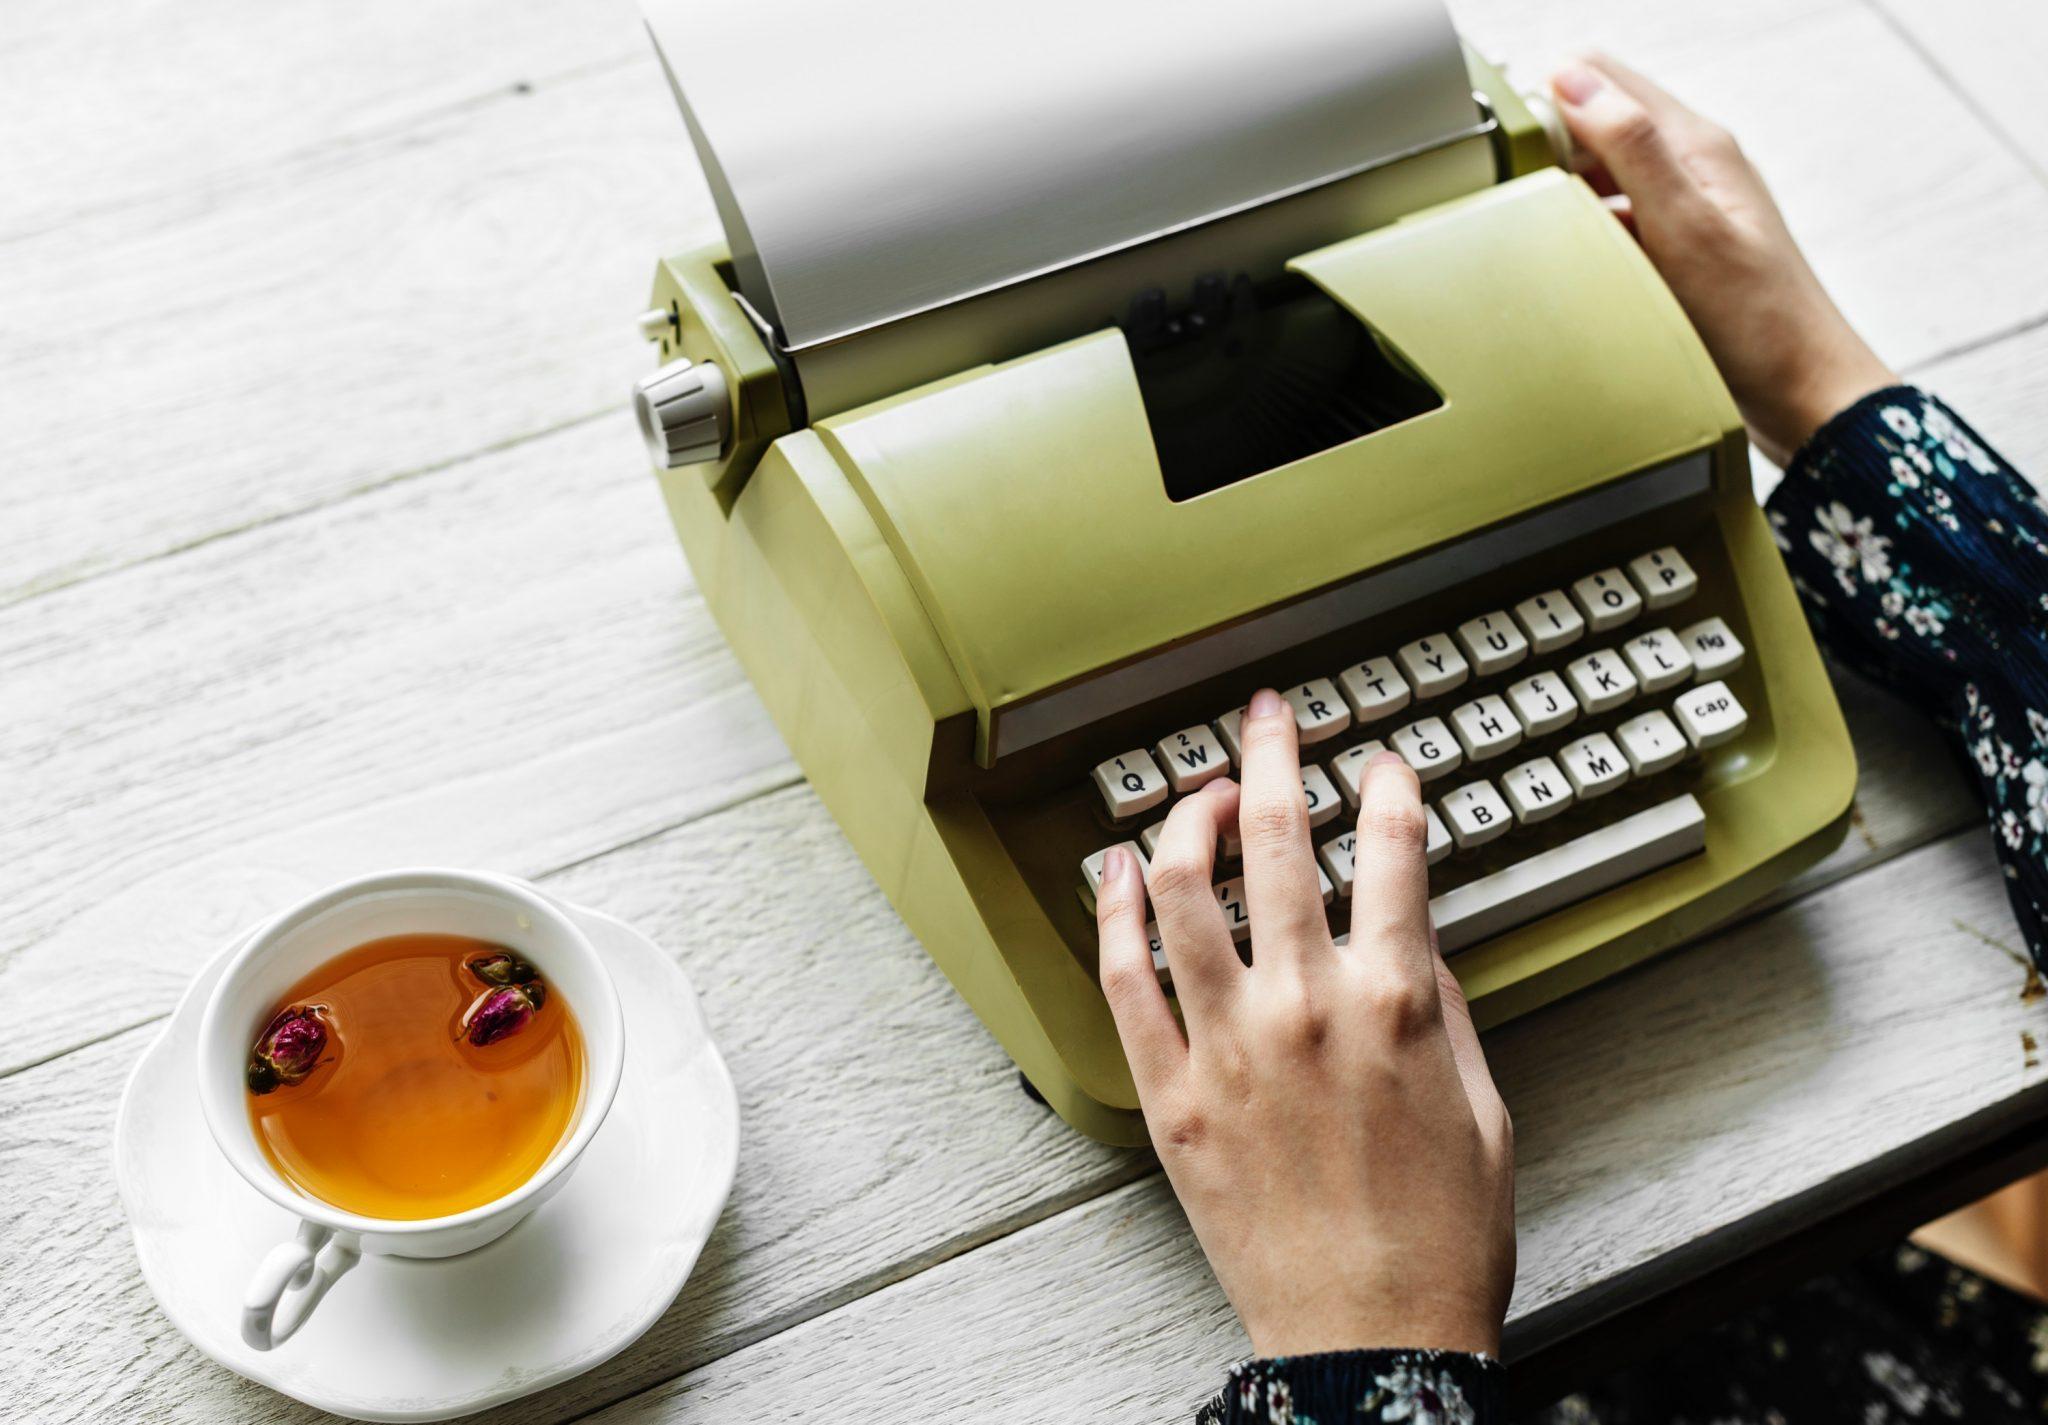 Promocja bloga biznesowego, czyli kilka porad dla początkujących!